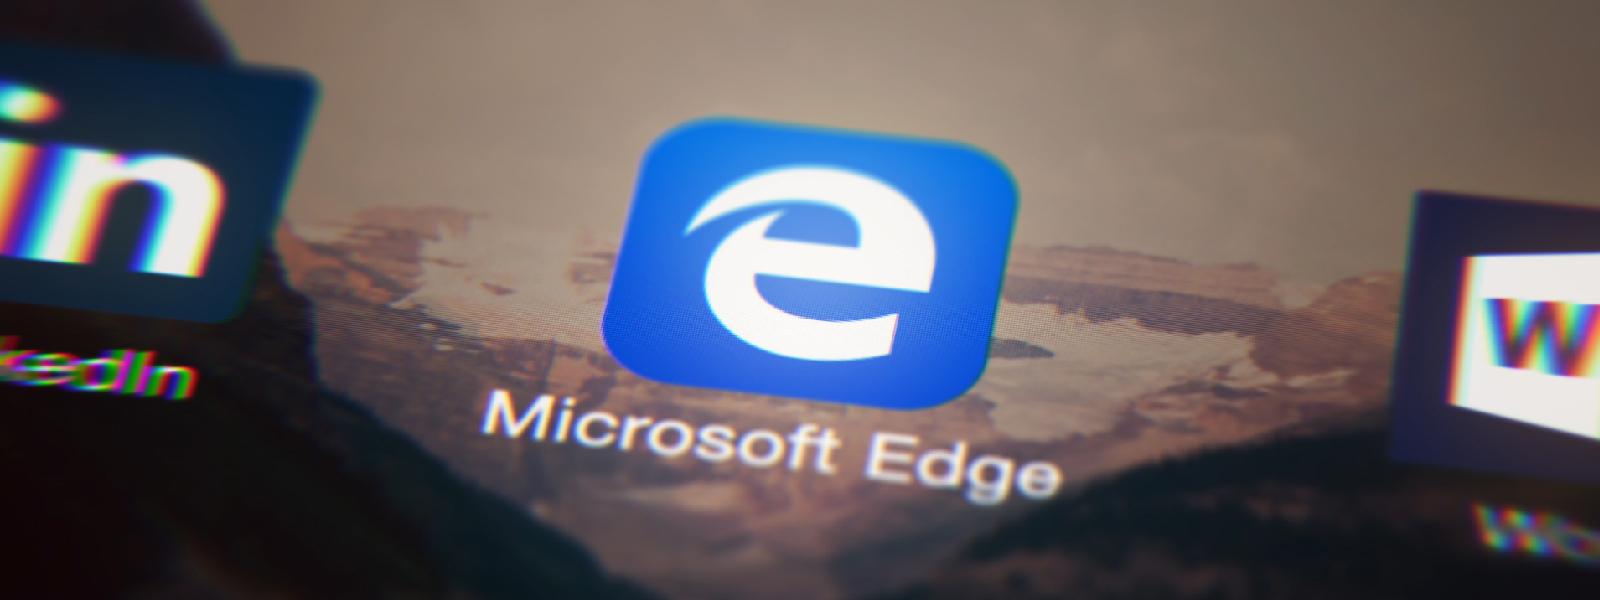 """Chrome cẩn thận, Microsoft Edge muốn làm """"vua"""" trình duyệt - VnReview - Tư  vấn"""